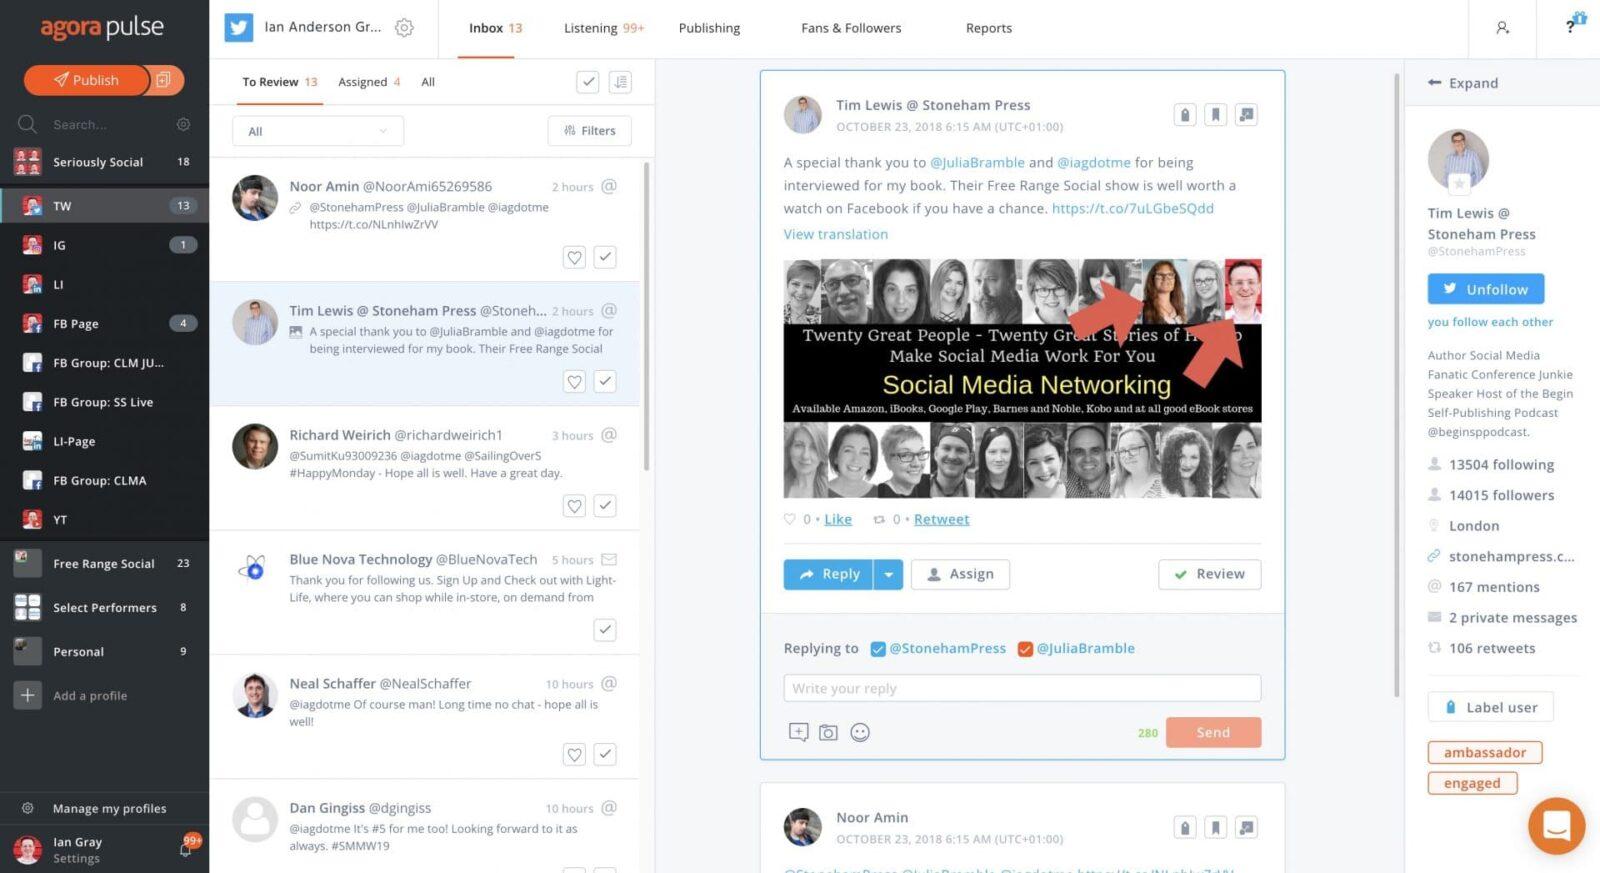 agorapulse un tout en un idéal pour une PME pour la gestion des réseaux sociaux